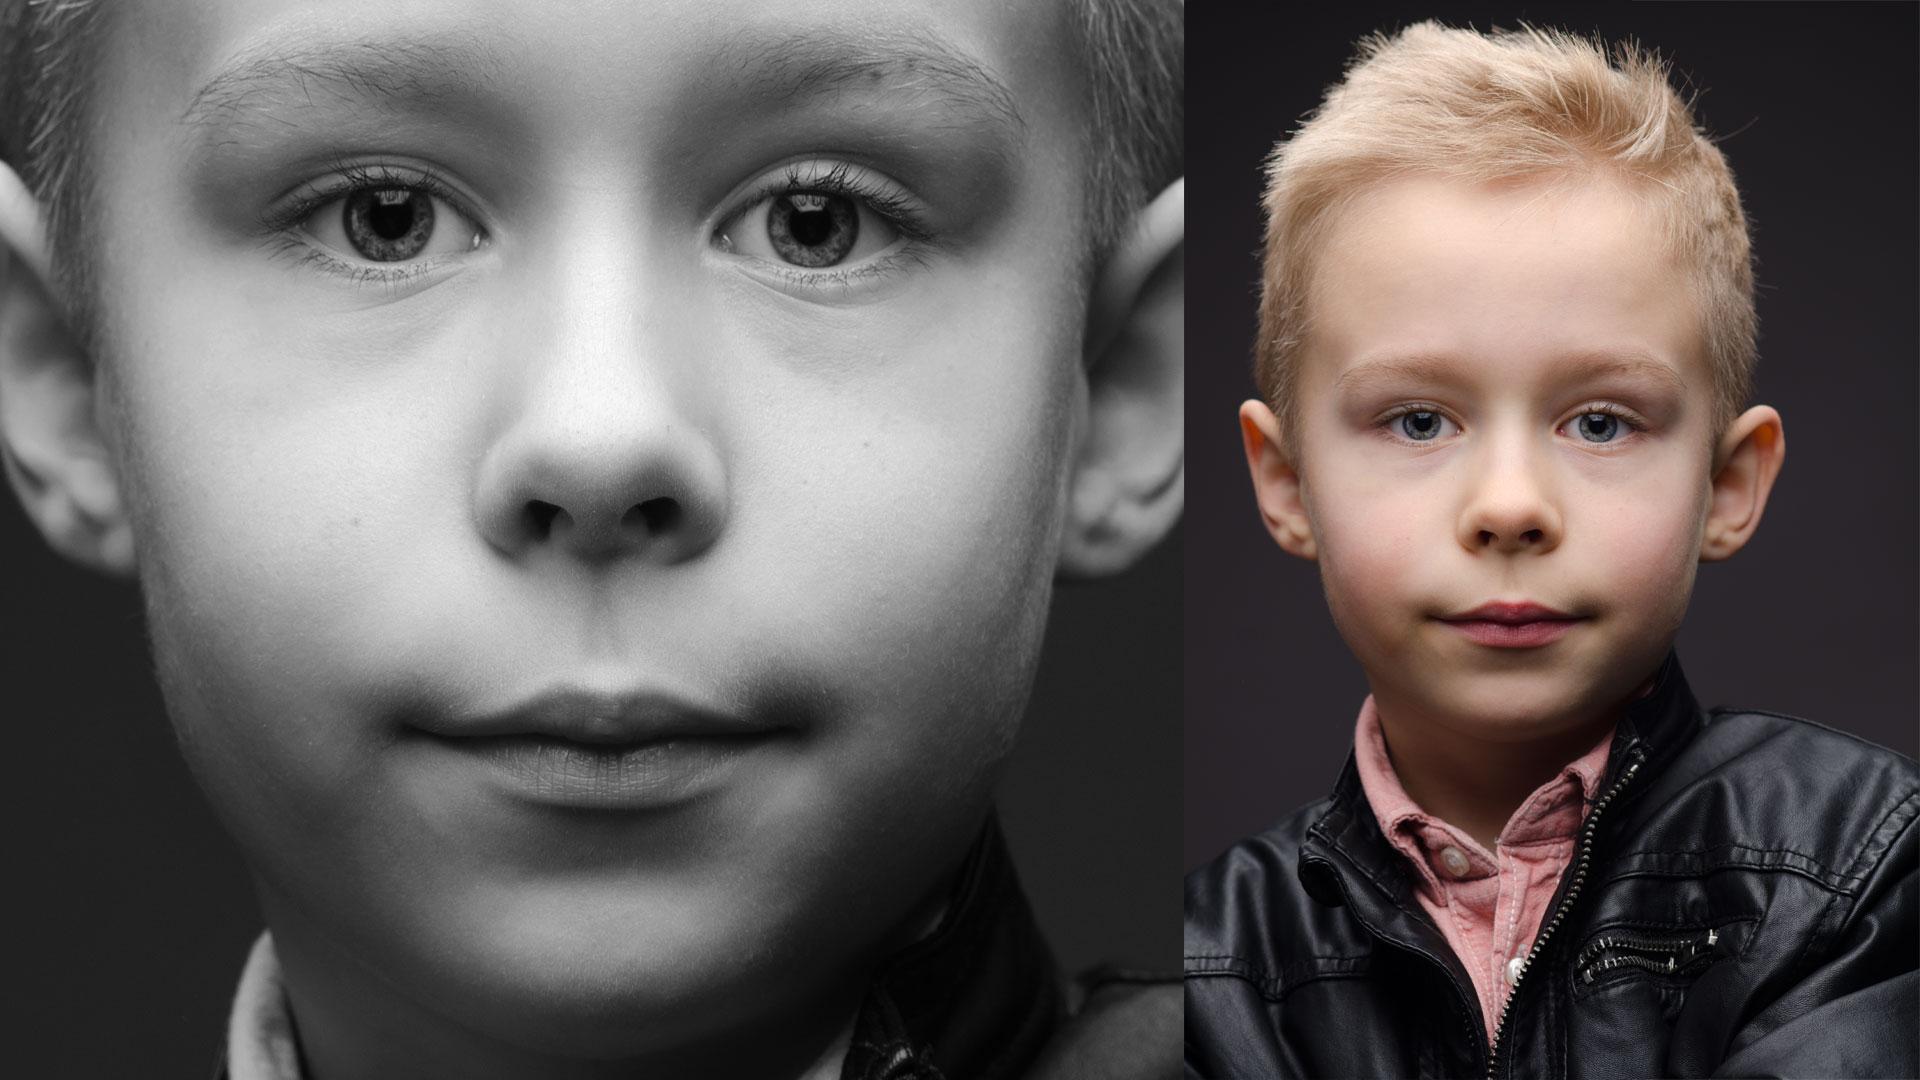 portret_dzieciecy_w_sudio_swiatlo_gorne